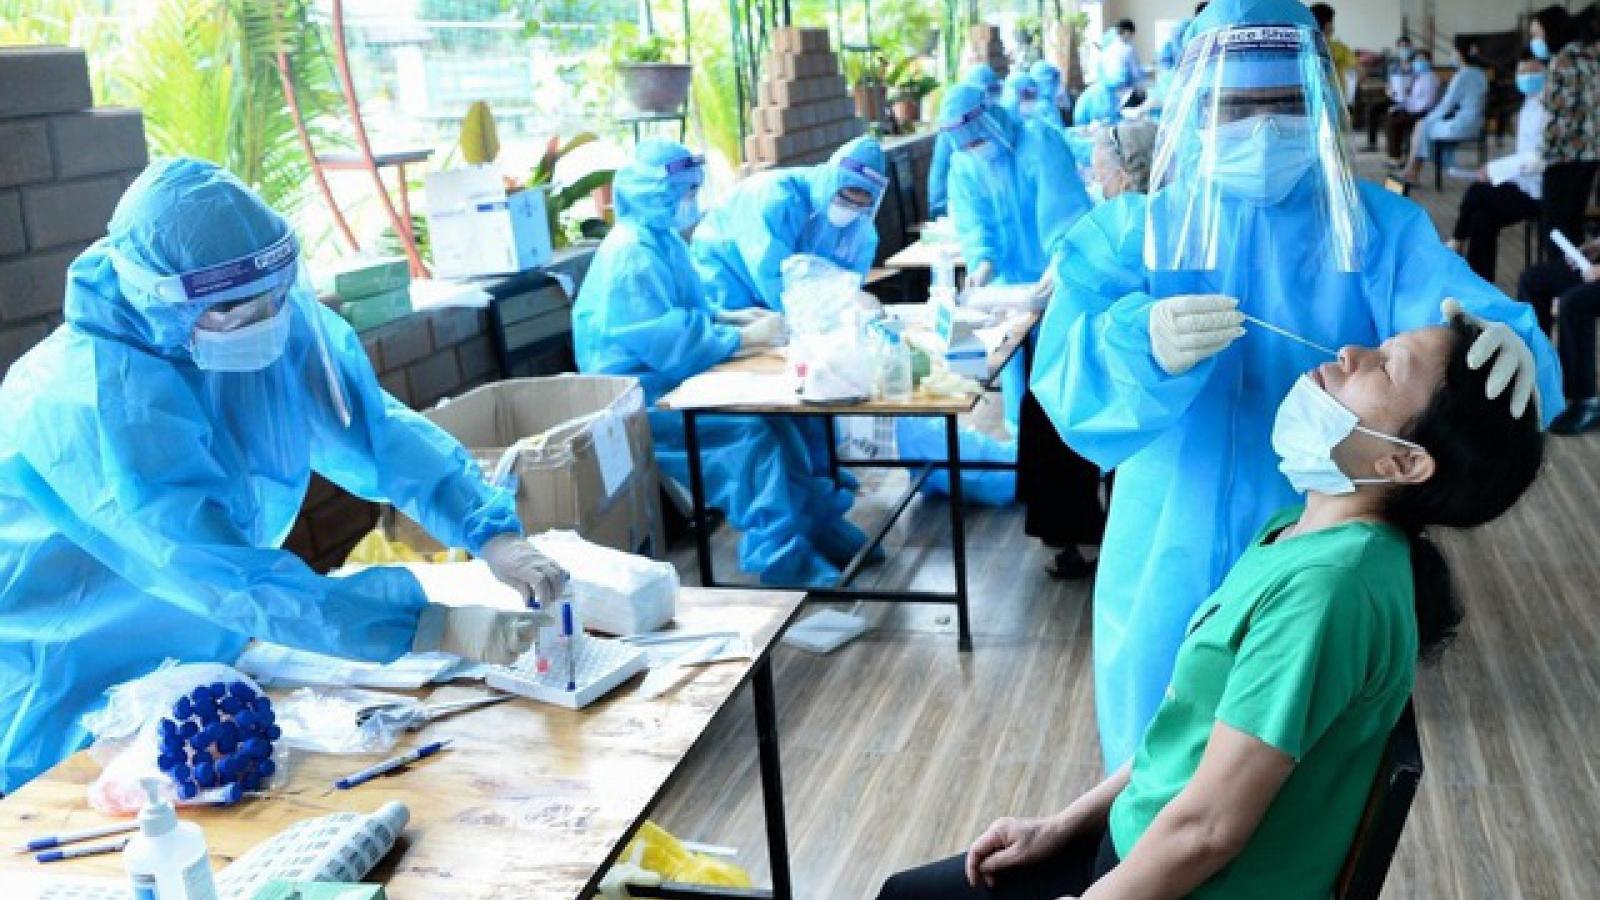 Sáng 29/5, Việt Nam có thêm 87 ca mắc COVID-19, chủ yếu ở Bắc Giang, Bắc Ninh